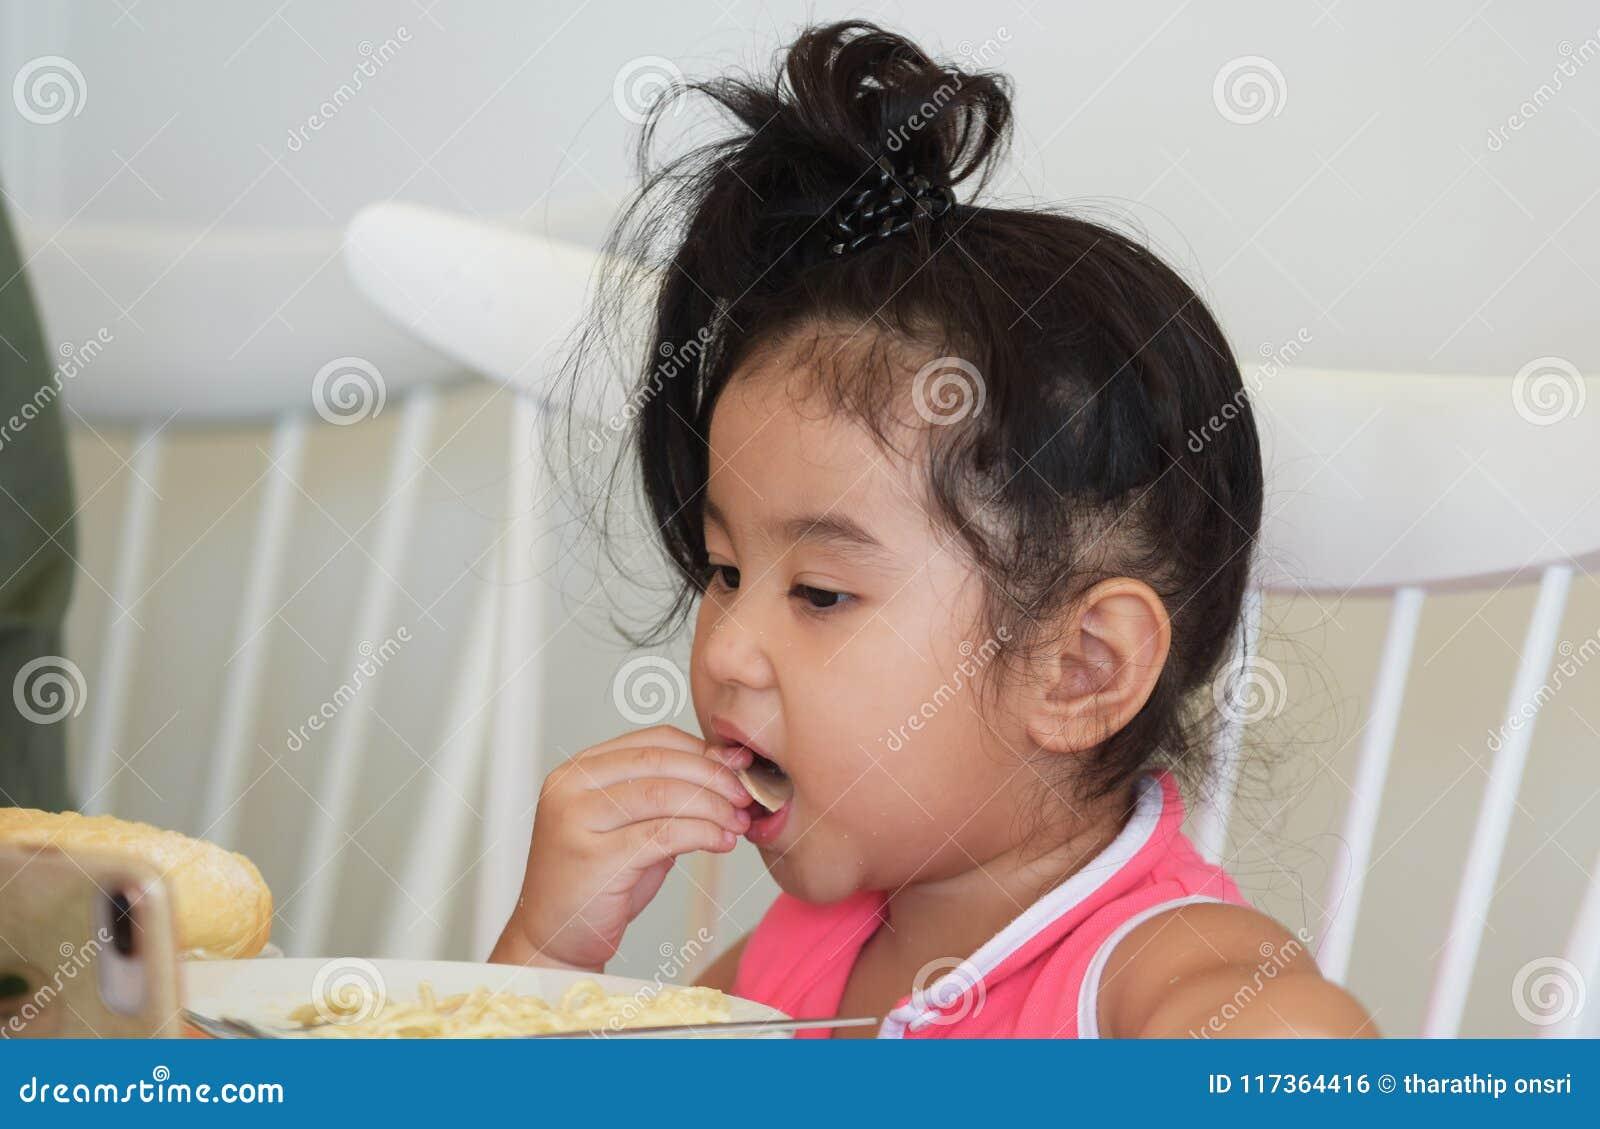 La petite fille mange de la nourriture délicieuse